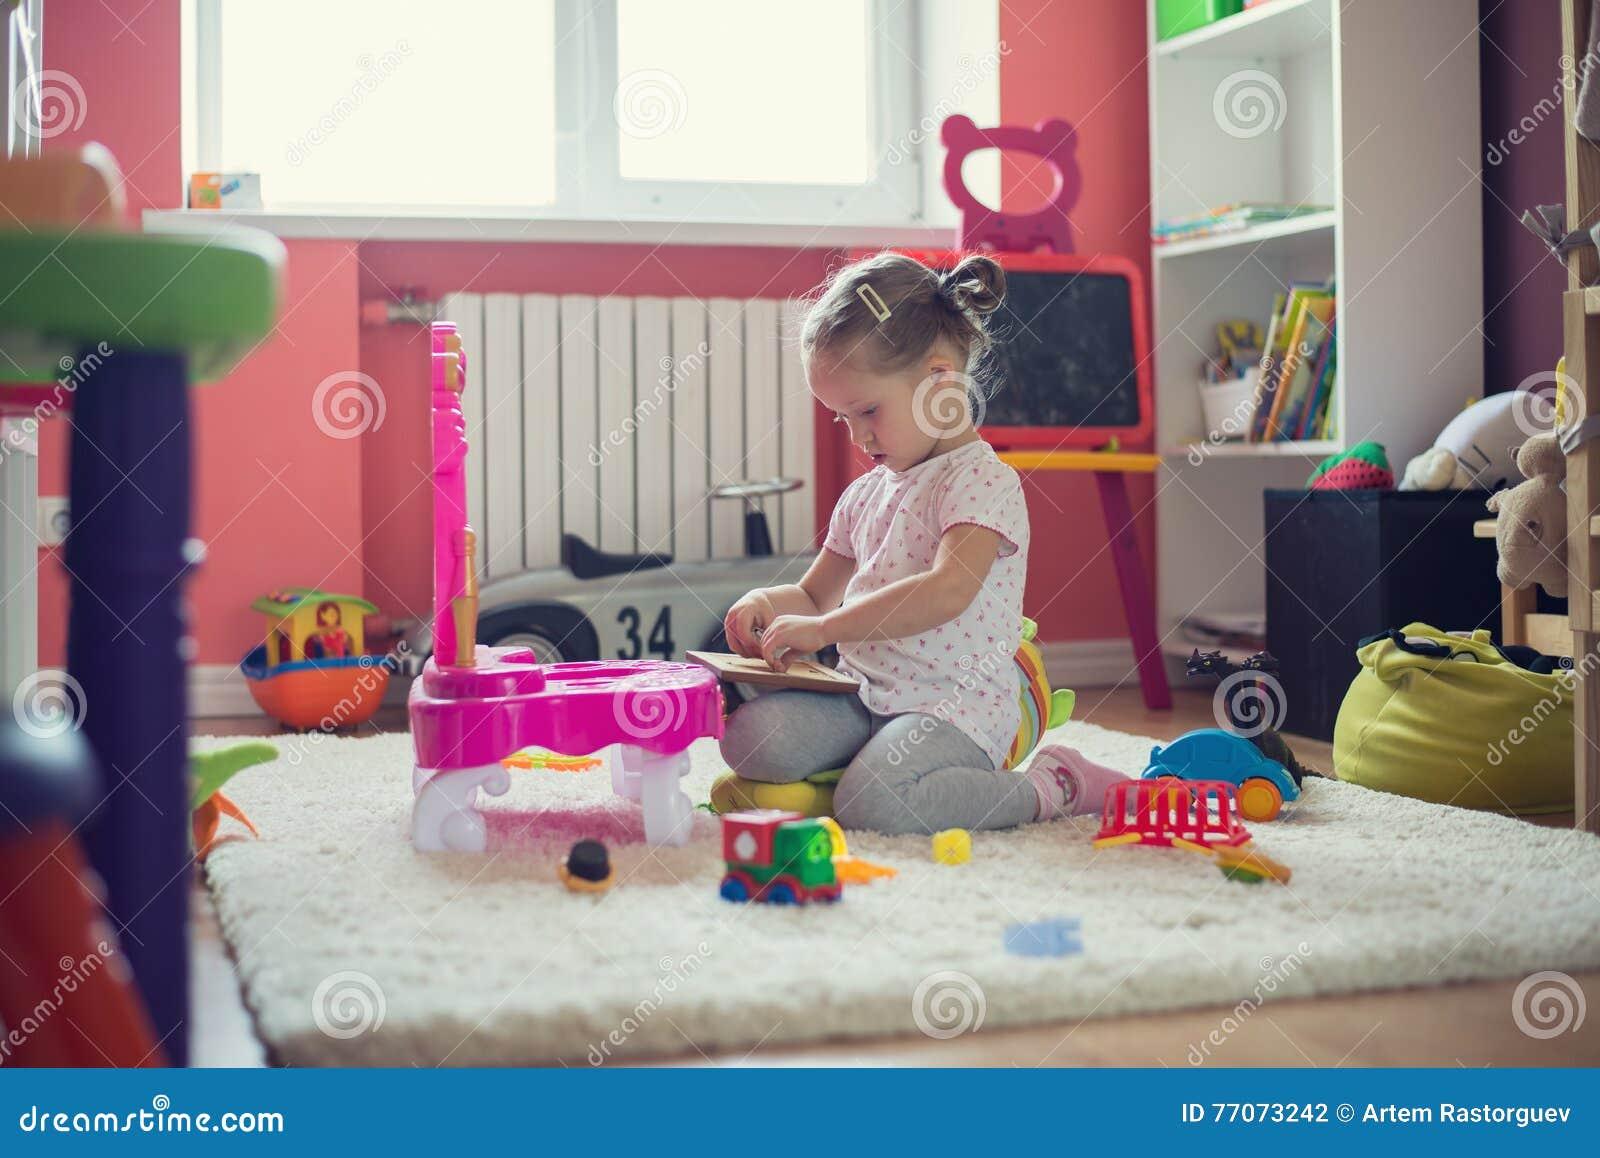 Ragazza che gioca con i giocattoli nella stanza di bambini